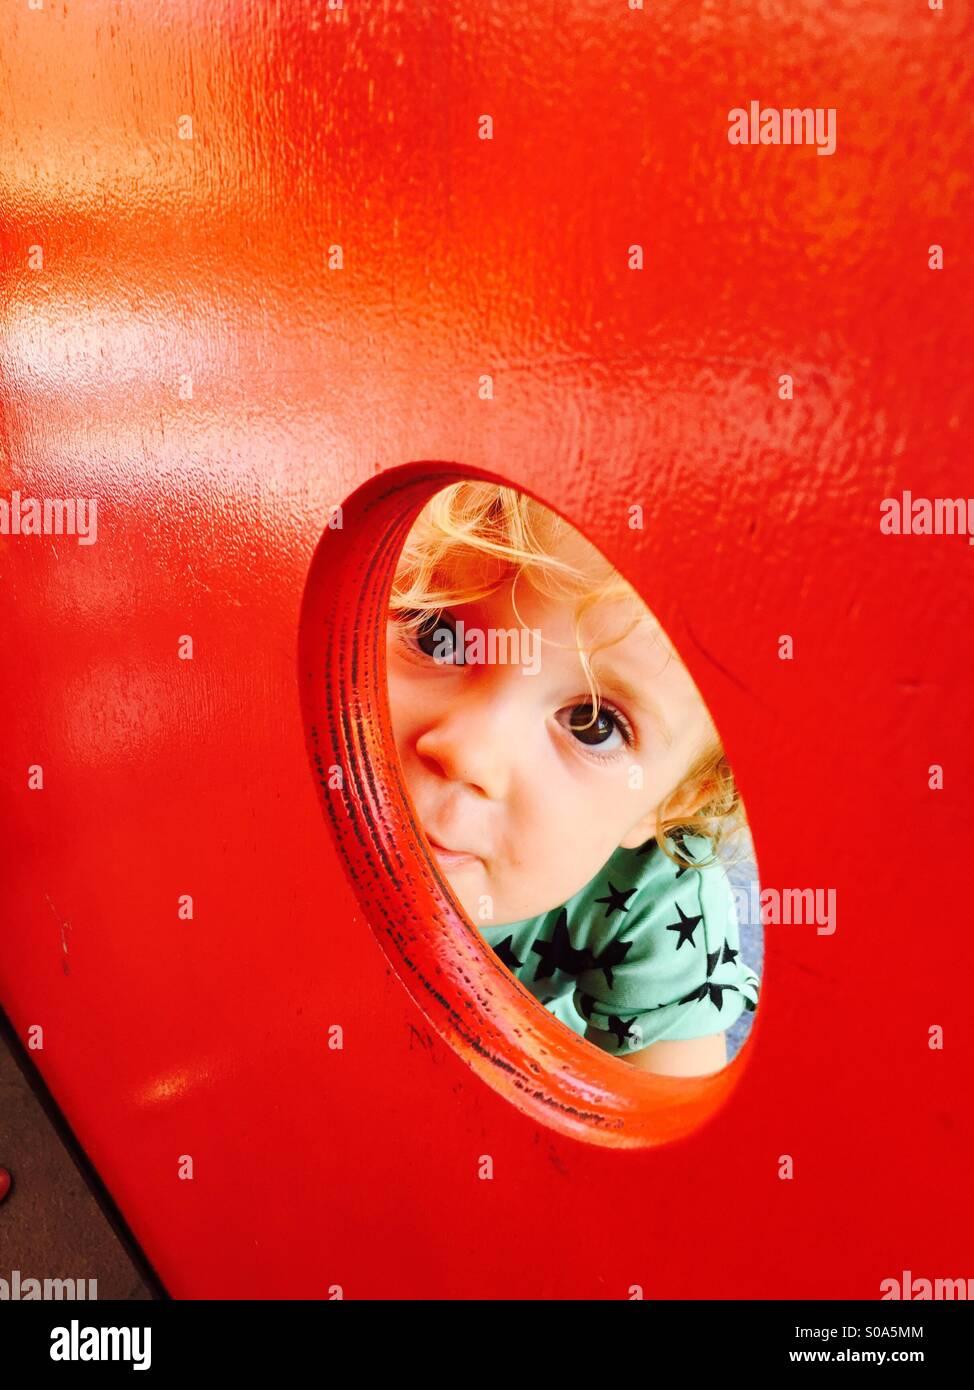 Hola poco impertinente niña! Tener un juego y una sonrisa con su peekaboo maneras. Imagen De Stock